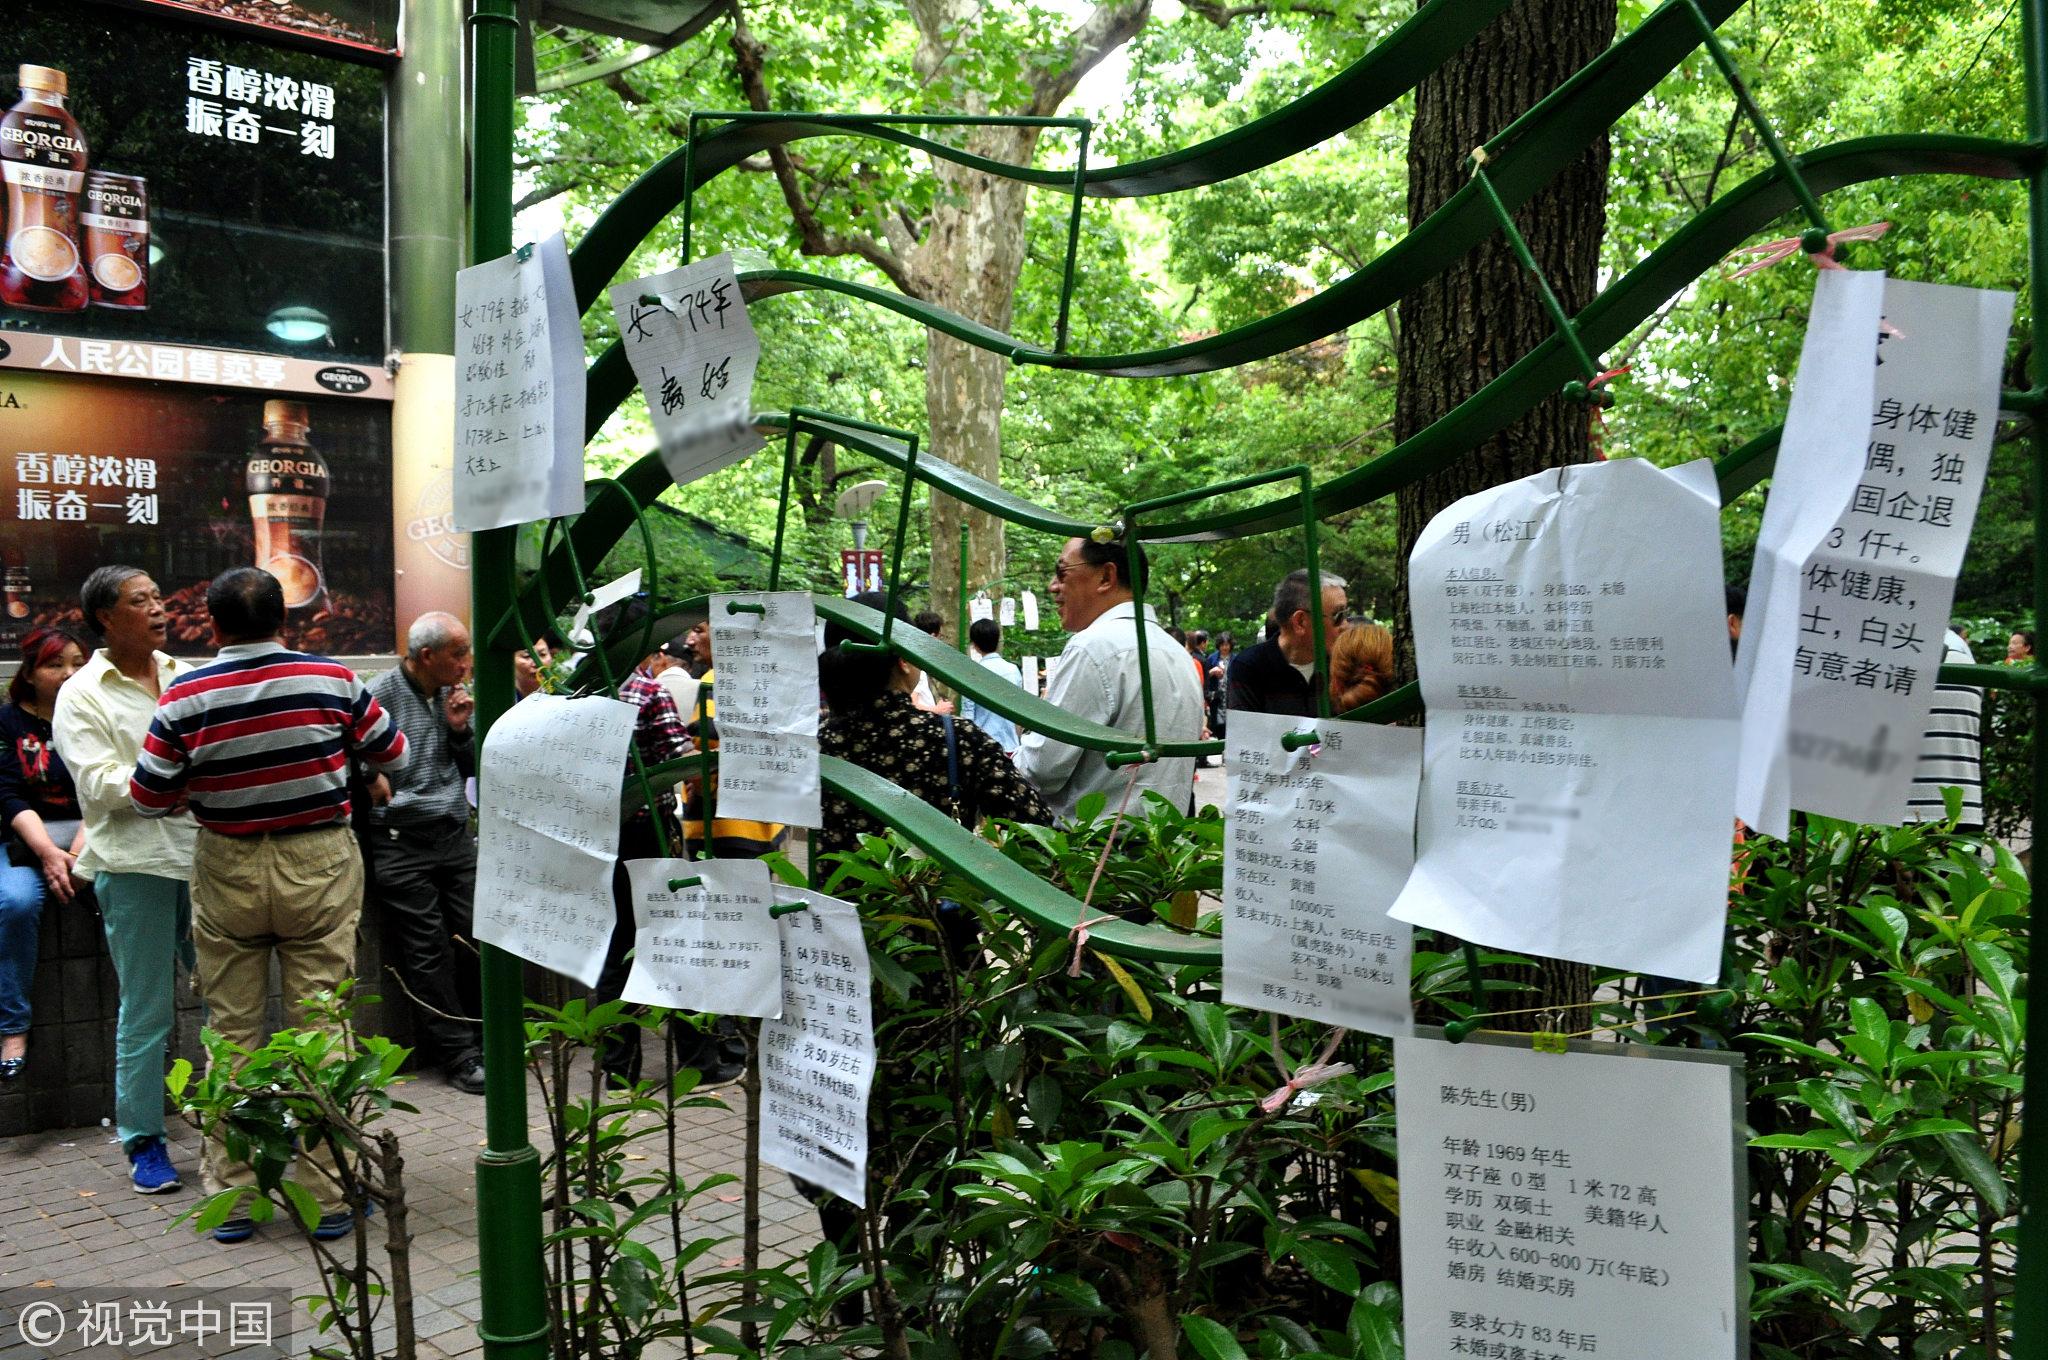 2018年4月29日,上海人民公园相亲角。在这里,户口、房子、社会地位等物质条件是极为重要的择偶标准。 / 视觉中国